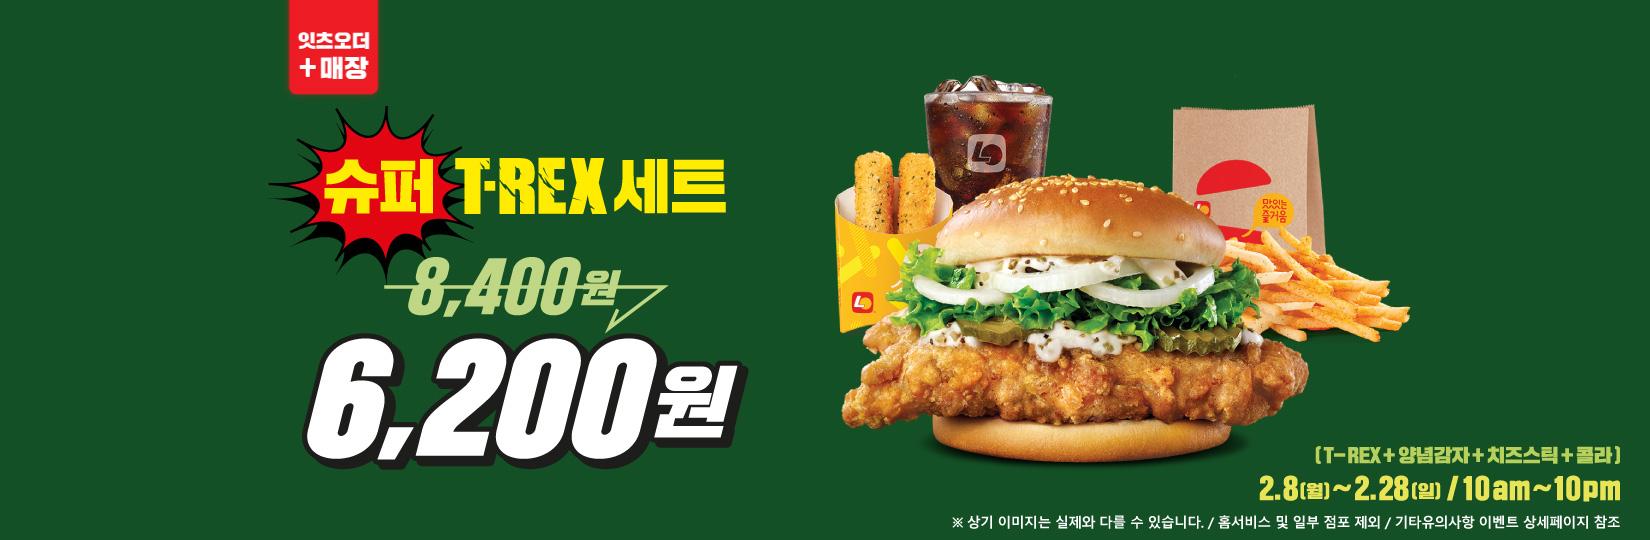 슈퍼 T-REX 세트 6,200원